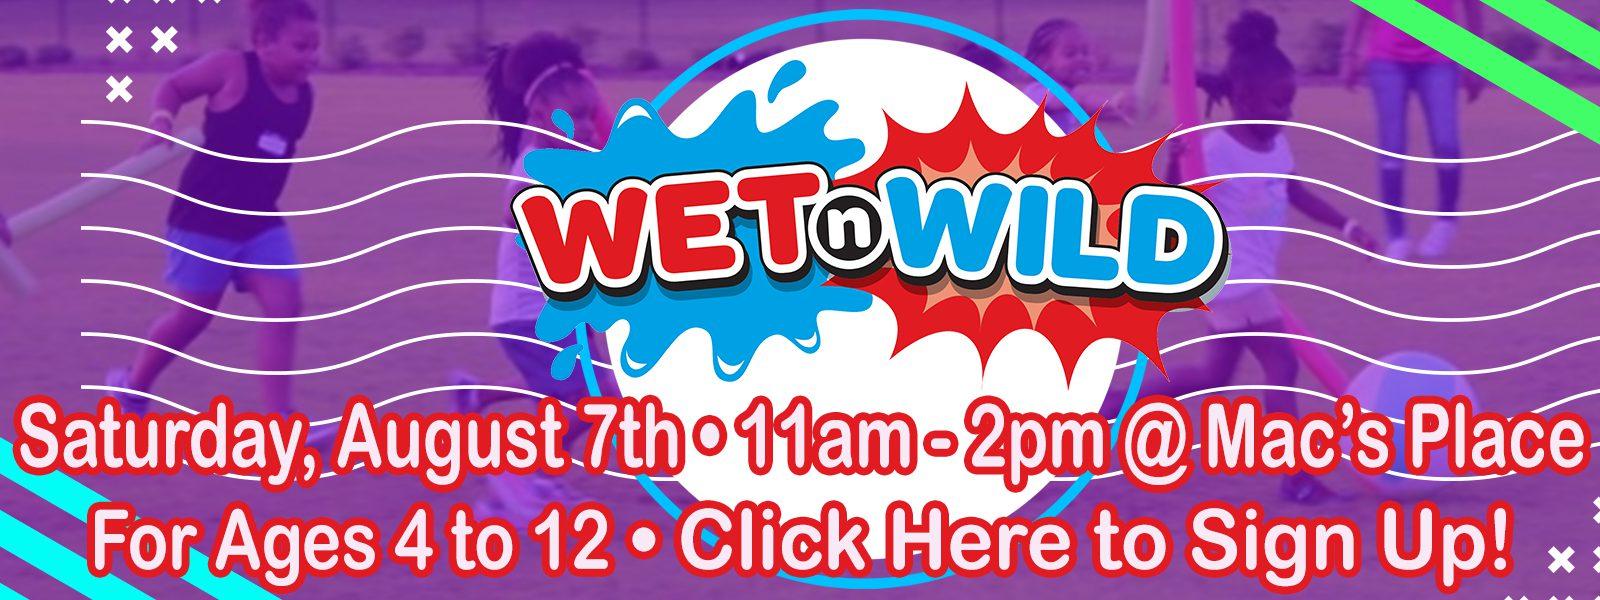 2021 Wet & Wild Kidz Day slide